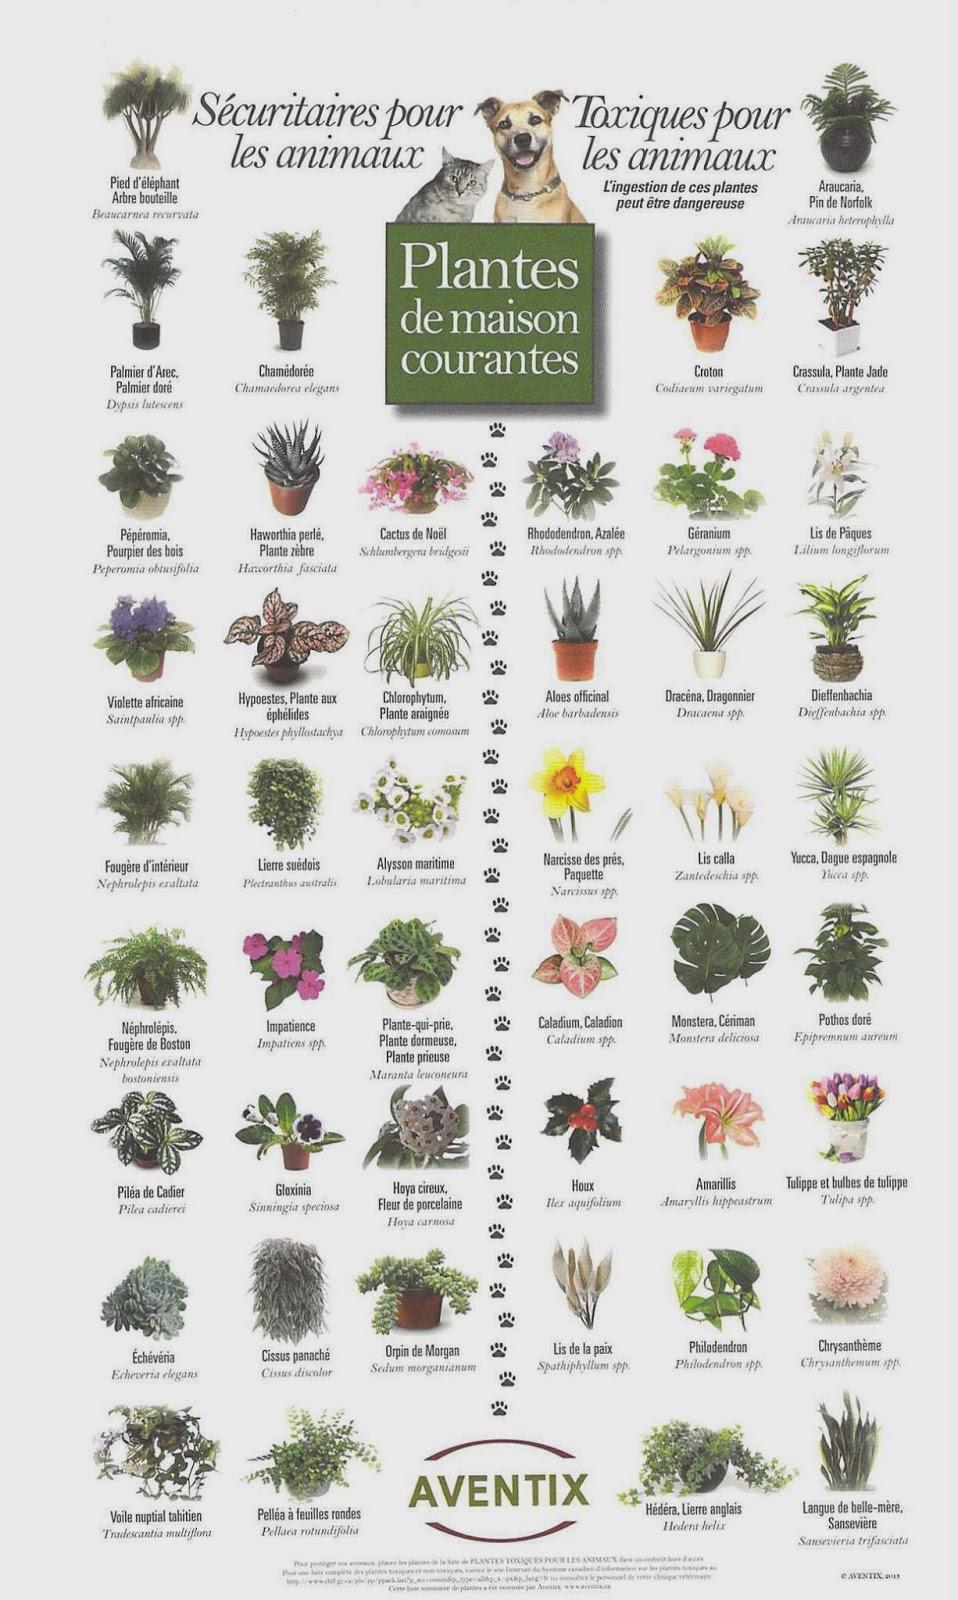 les plantes dangereuses pour le chien